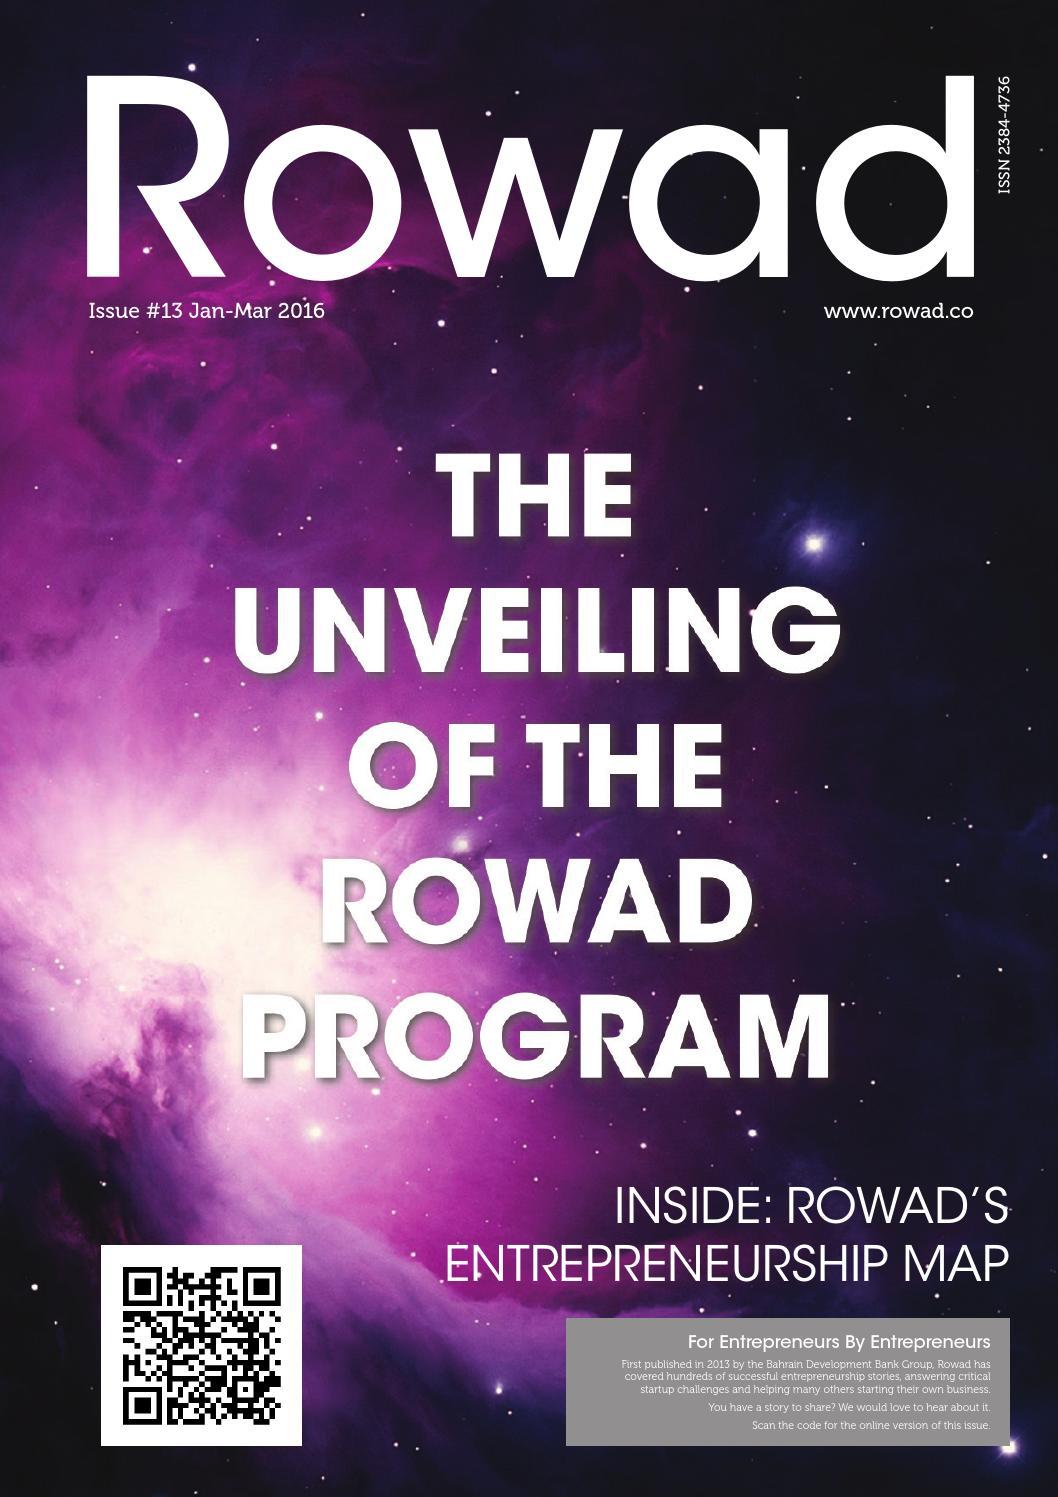 Rowad Magazine Issue 13 By Abdulrahman Al Jowder Issuu